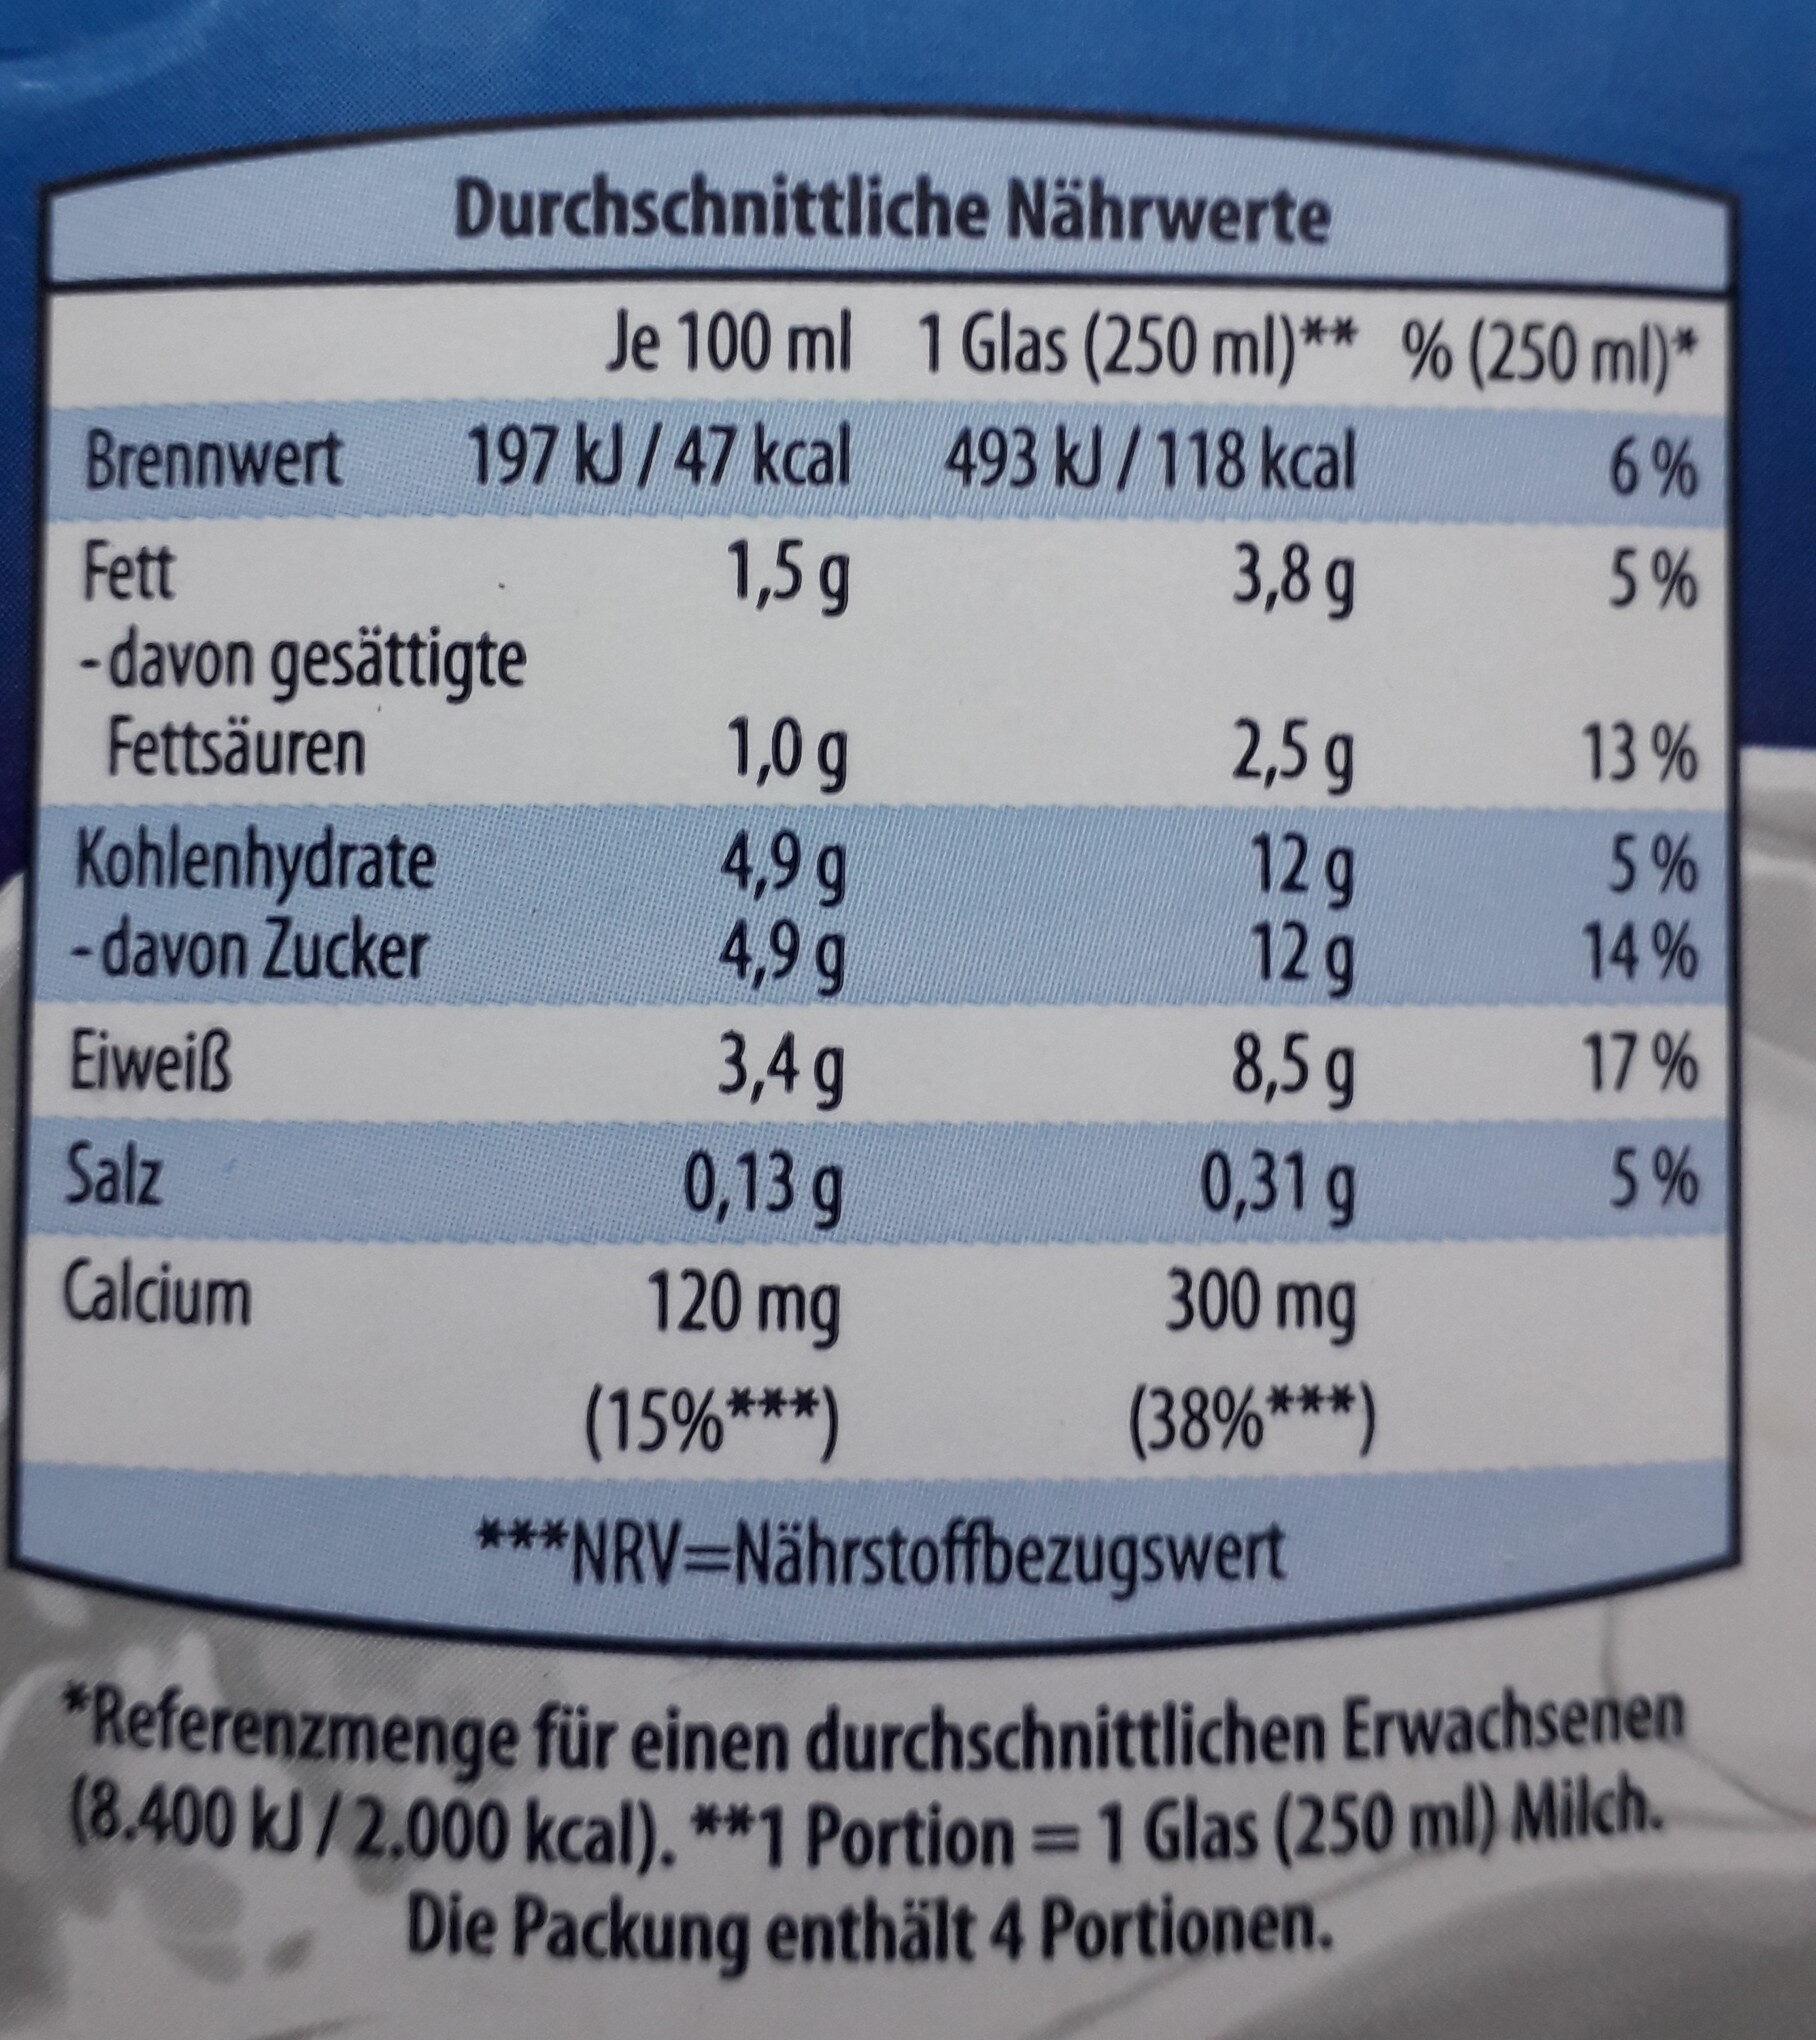 Fettarme H-Milch - Nährwertangaben - de